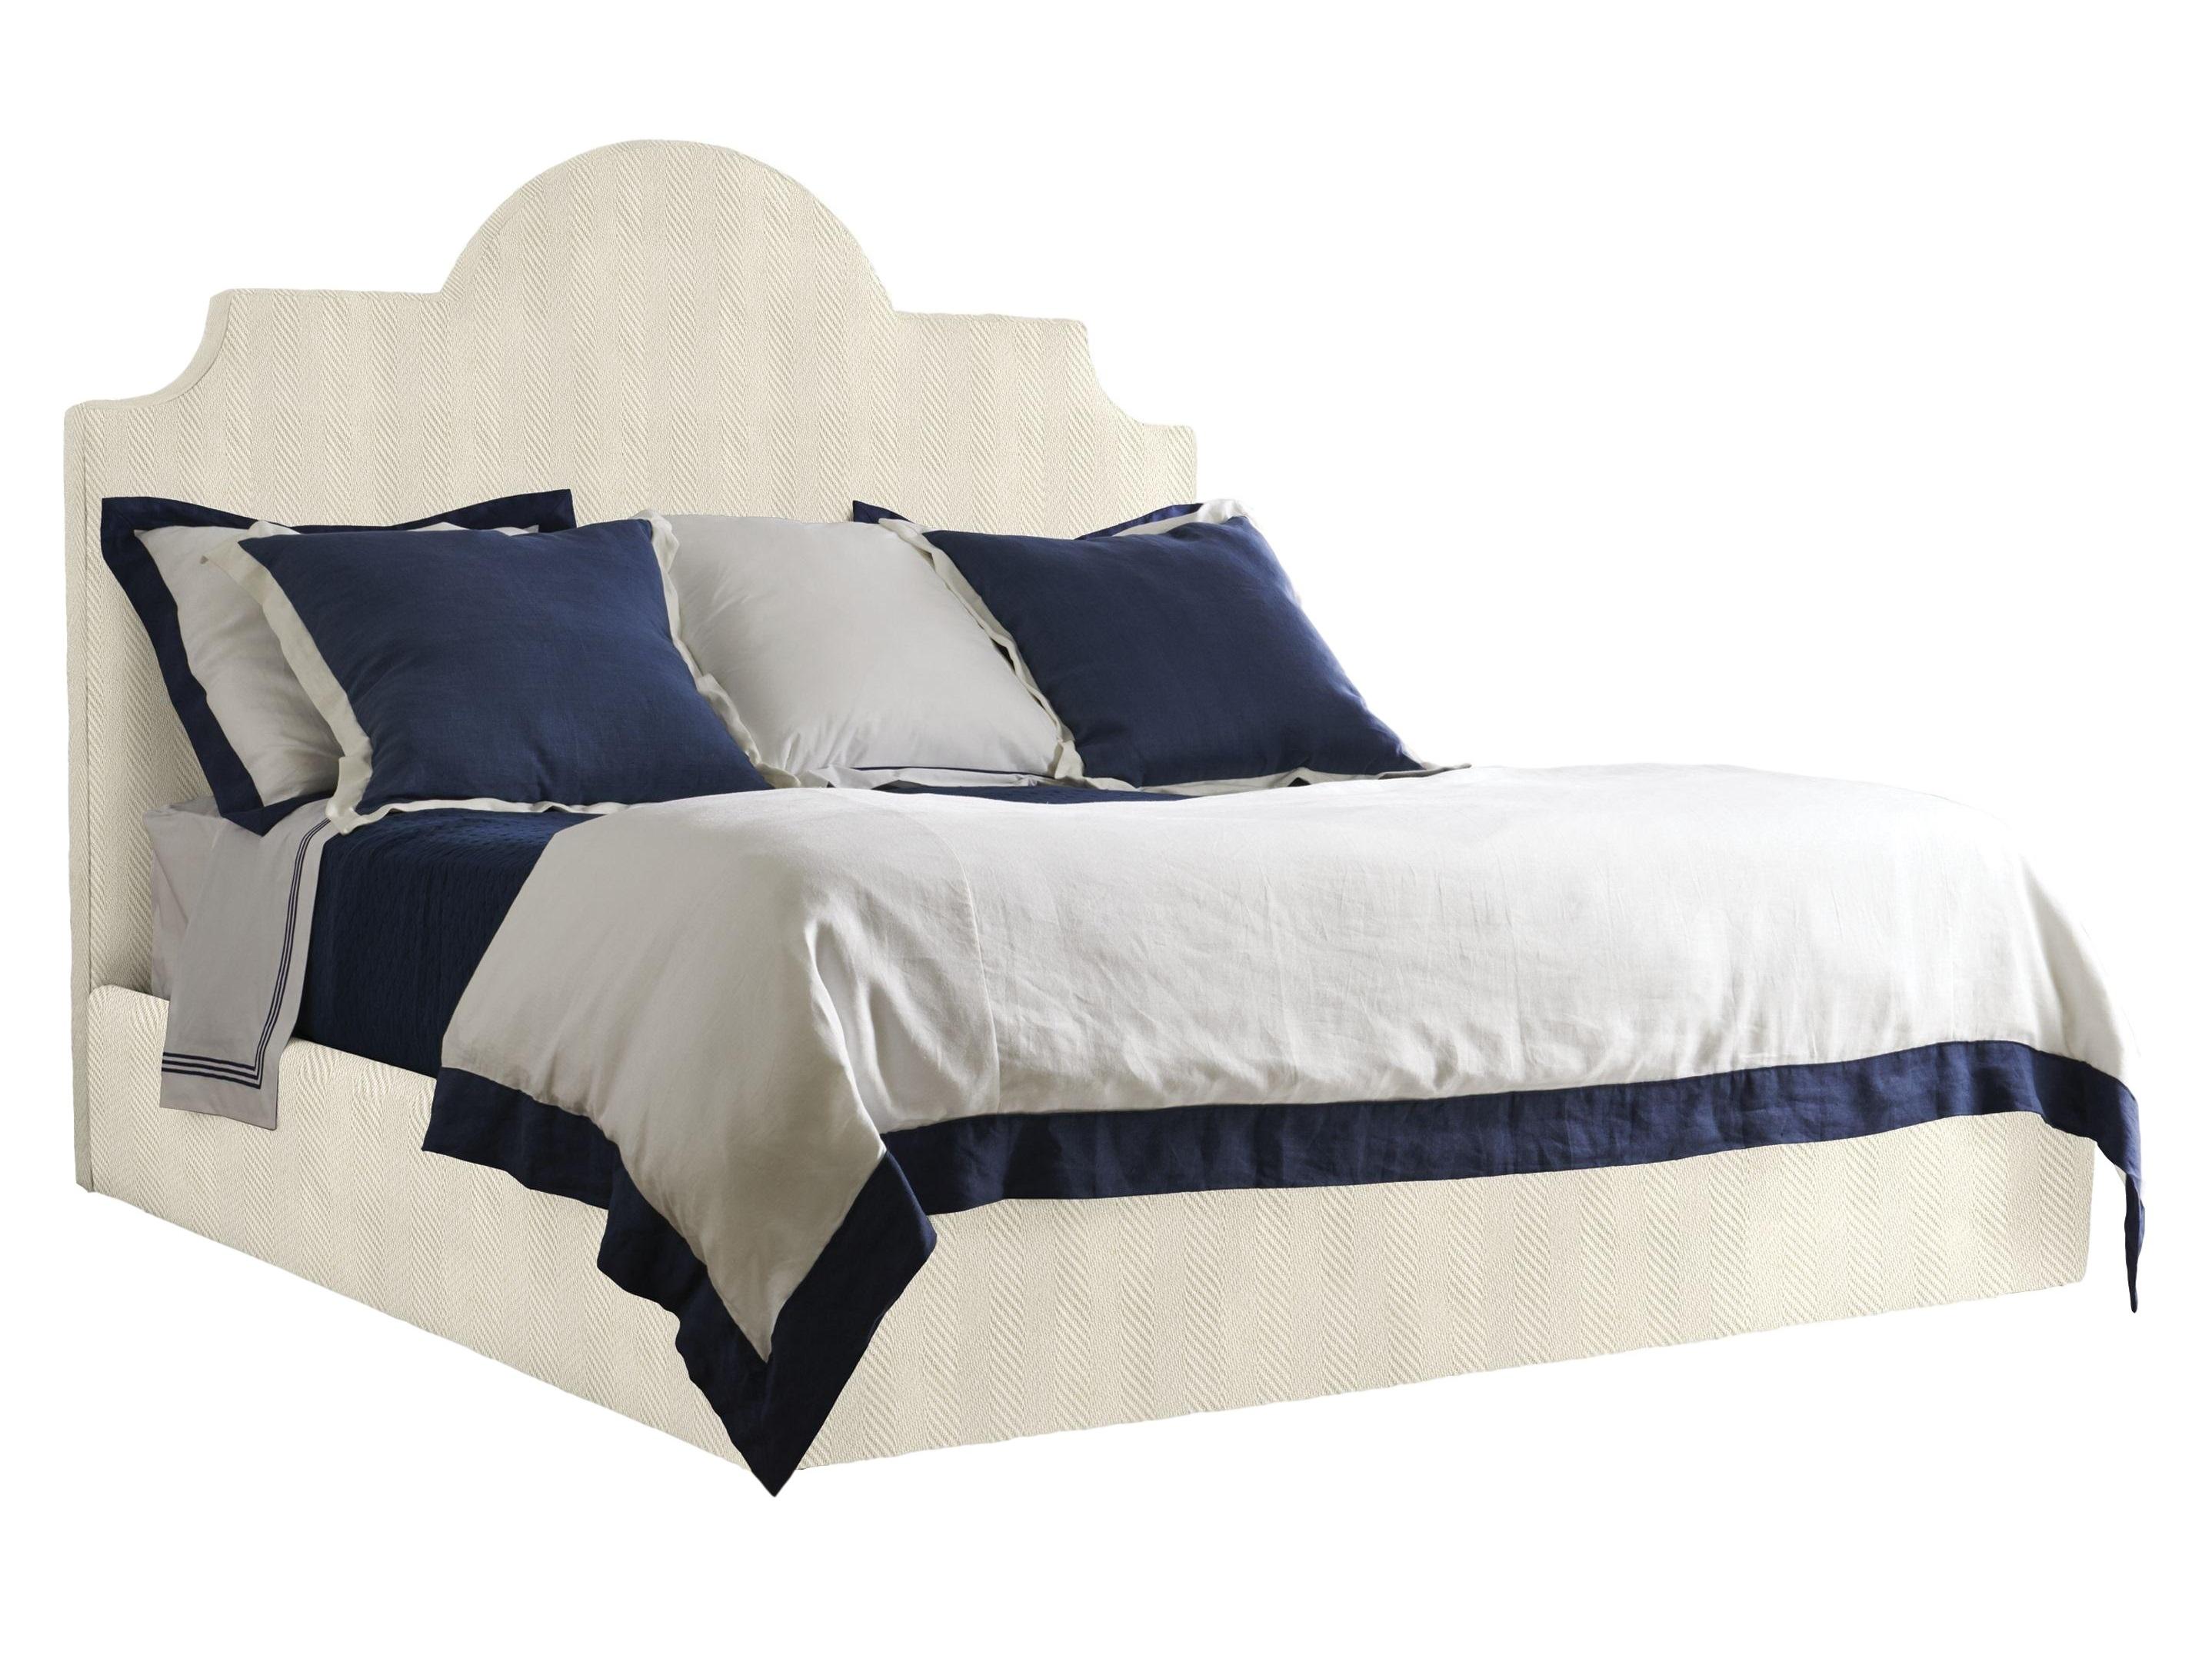 Кровать Хэмптонс&amp;lt;div style=&amp;quot;line-height: 24.9999px;&amp;quot;&amp;gt;&amp;lt;span style=&amp;quot;font-size: 14px;&amp;quot;&amp;gt;У вас нет дома на побережье океана? Не беда. Эта кровать в колониальном стиле поможет создать атмосферу непринужденной роскоши. Комбинируйте с массивной деревянной мебелью для интерьеров в темных тонах, или, наоборот, с позолоченными металлическими столиками, чтобы добиться эффекта в стиле Vogue. &amp;amp;nbsp;&amp;lt;/span&amp;gt;&amp;lt;/div&amp;gt;&amp;lt;div style=&amp;quot;line-height: 24.9999px;&amp;quot;&amp;gt;&amp;lt;span style=&amp;quot;font-size: 14px;&amp;quot;&amp;gt;&amp;lt;br&amp;gt;&amp;lt;/span&amp;gt;&amp;lt;/div&amp;gt;&amp;lt;div style=&amp;quot;line-height: 24.9999px;&amp;quot;&amp;gt;&amp;lt;span style=&amp;quot;font-size: 14px;&amp;quot;&amp;gt;Гарантия качества&amp;amp;nbsp;&amp;lt;/span&amp;gt;&amp;lt;/div&amp;gt;&amp;lt;div style=&amp;quot;line-height: 24.9999px;&amp;quot;&amp;gt;Съемные чехлы&amp;lt;/div&amp;gt;&amp;lt;div style=&amp;quot;line-height: 24.9999px;&amp;quot;&amp;gt;200 вариантов тканей. &amp;amp;nbsp;&amp;lt;/div&amp;gt;&amp;lt;div style=&amp;quot;line-height: 24.9999px;&amp;quot;&amp;gt;Размер спального места: 160х200. Возможны другие размеры.&amp;amp;nbsp;&amp;lt;/div&amp;gt;<br><br>Material: Дерево<br>Length см: None<br>Width см: 170<br>Depth см: 210<br>Height см: 150<br>Diameter см: None